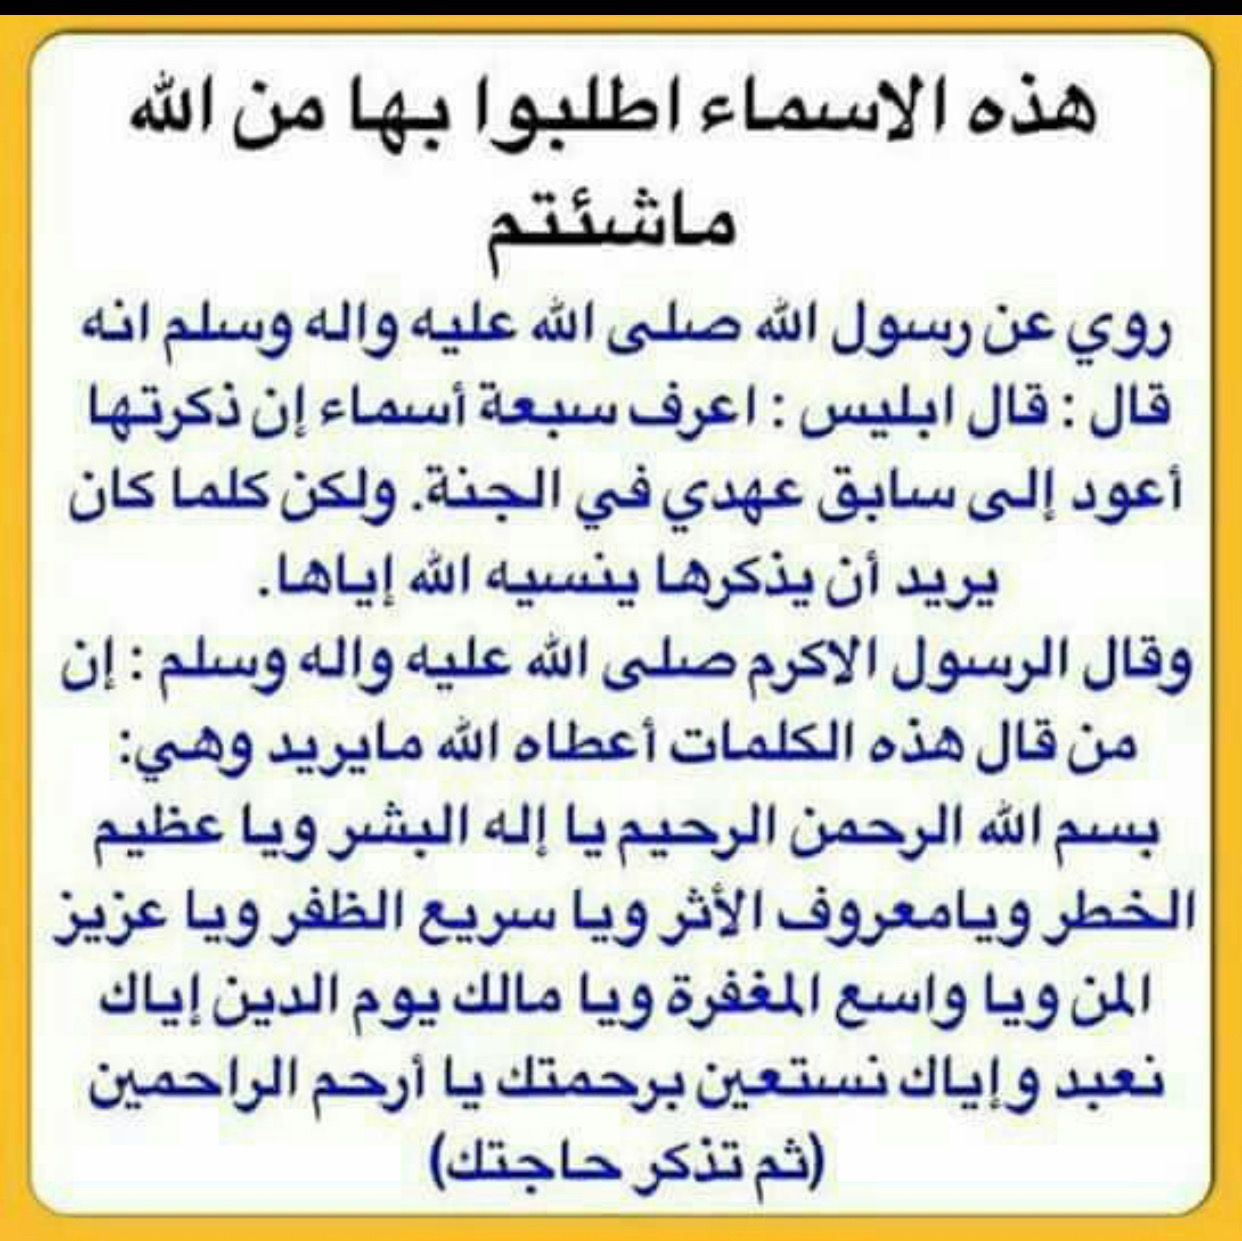 لن أتوقف عن ترديد الدعاء في كل لحظة الله يستجيب لما في القلووب ويجبر قلوبنا بوجود قلب من Islamic Love Quotes Islamic Phrases Quran Quotes Inspirational